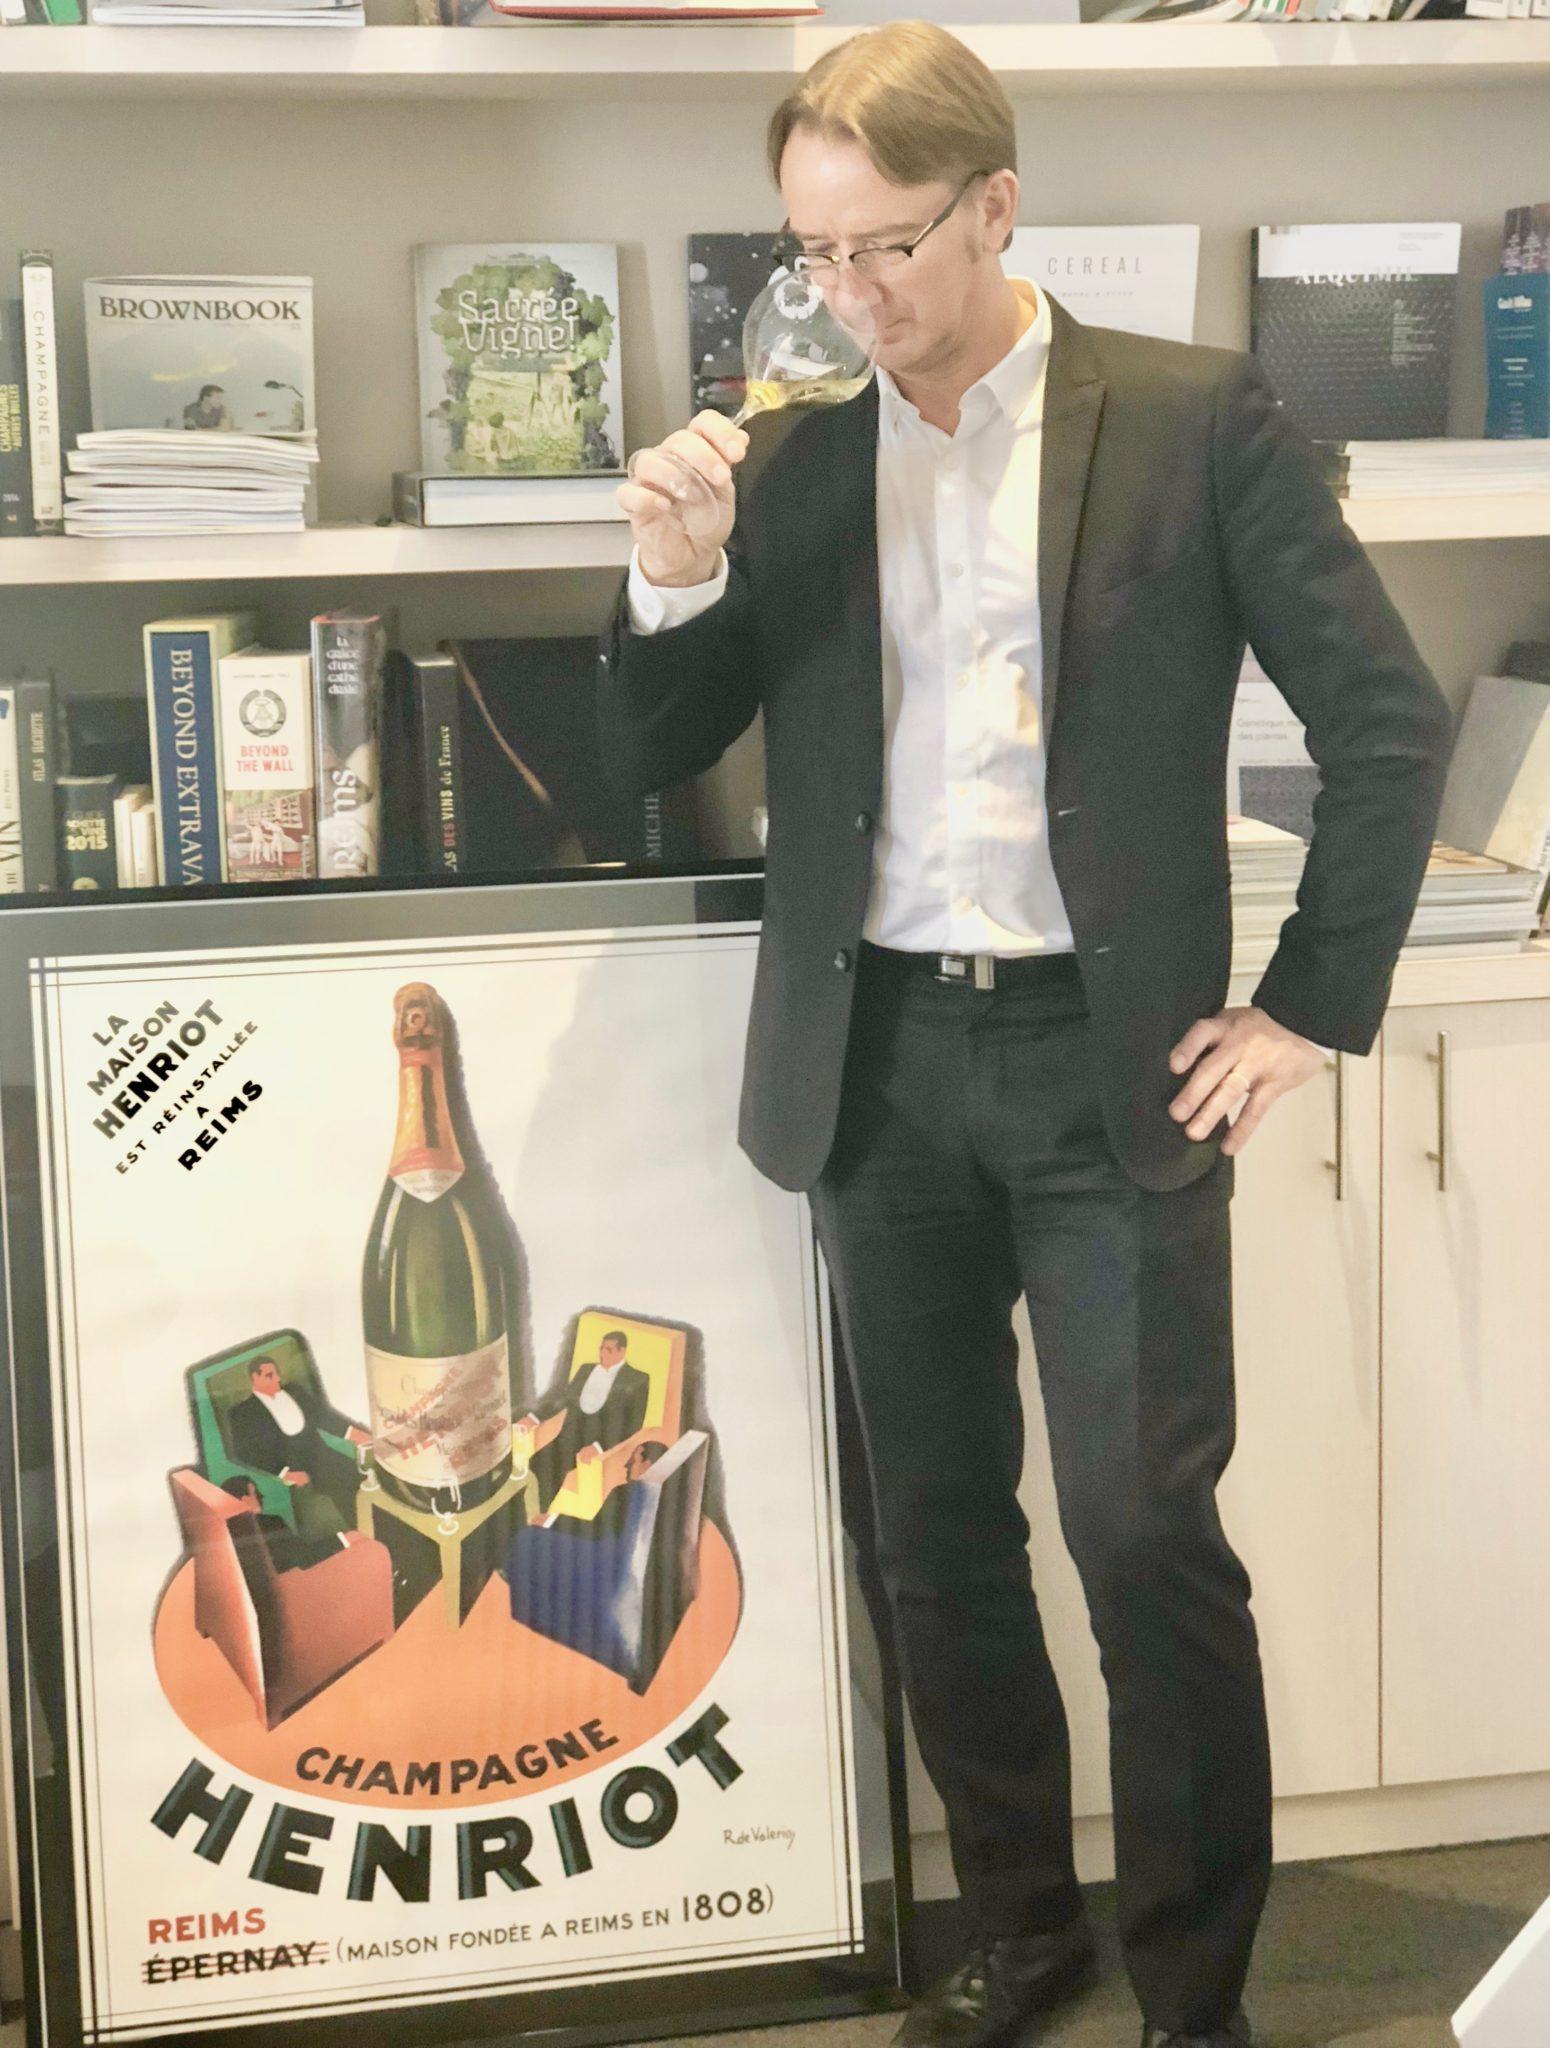 Le millésime 2008 de la maison de Champagne Henriot présenté par le chef de caves Laurent Fresnet.